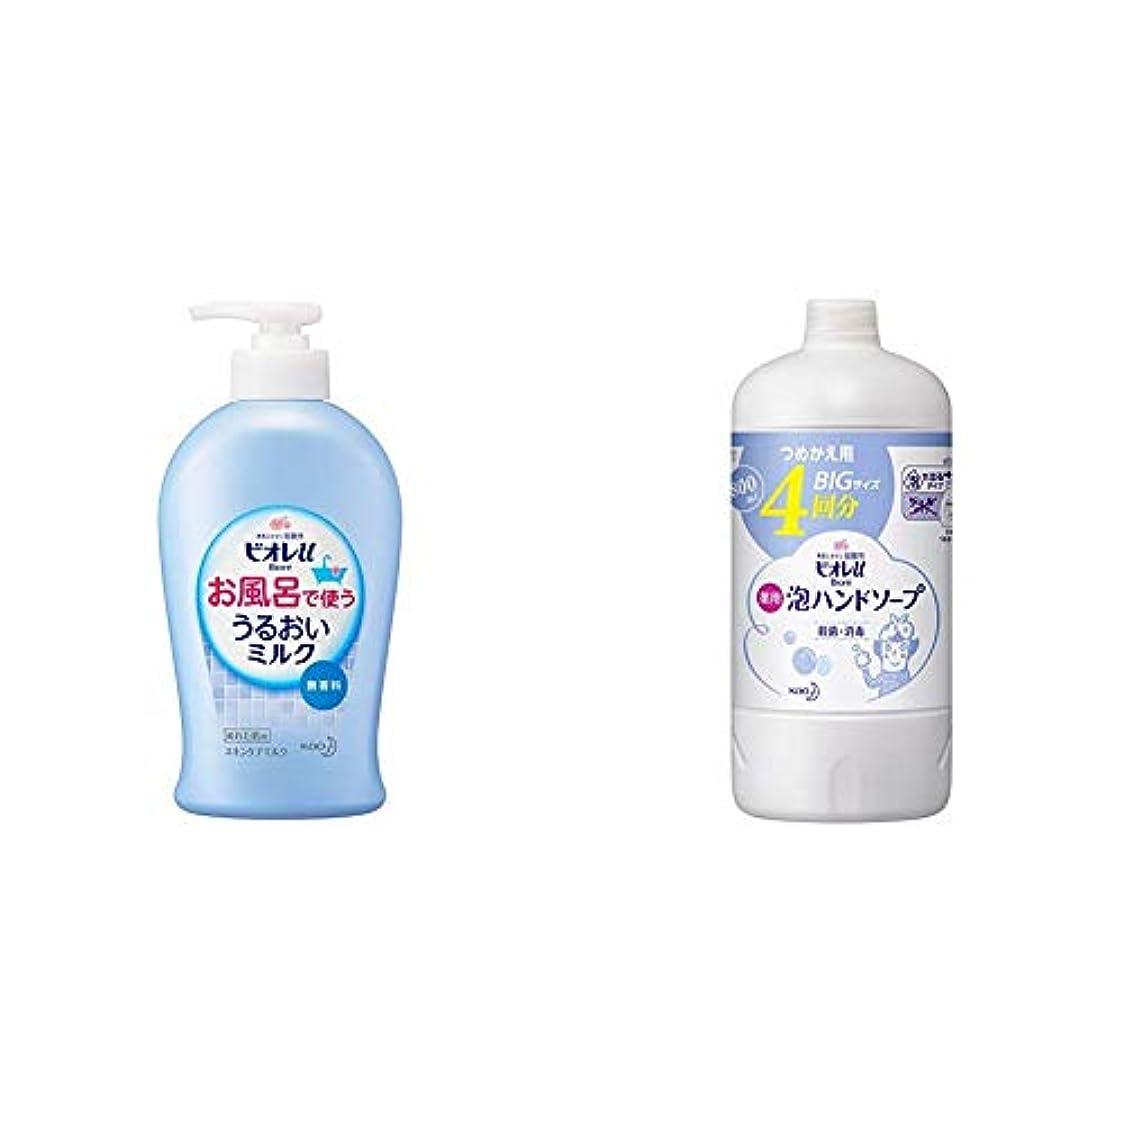 料理宿泊吸収剤ビオレu お風呂で使ううるおいミルク 無香料 & 泡ハンドソープ つめかえ用 800ml